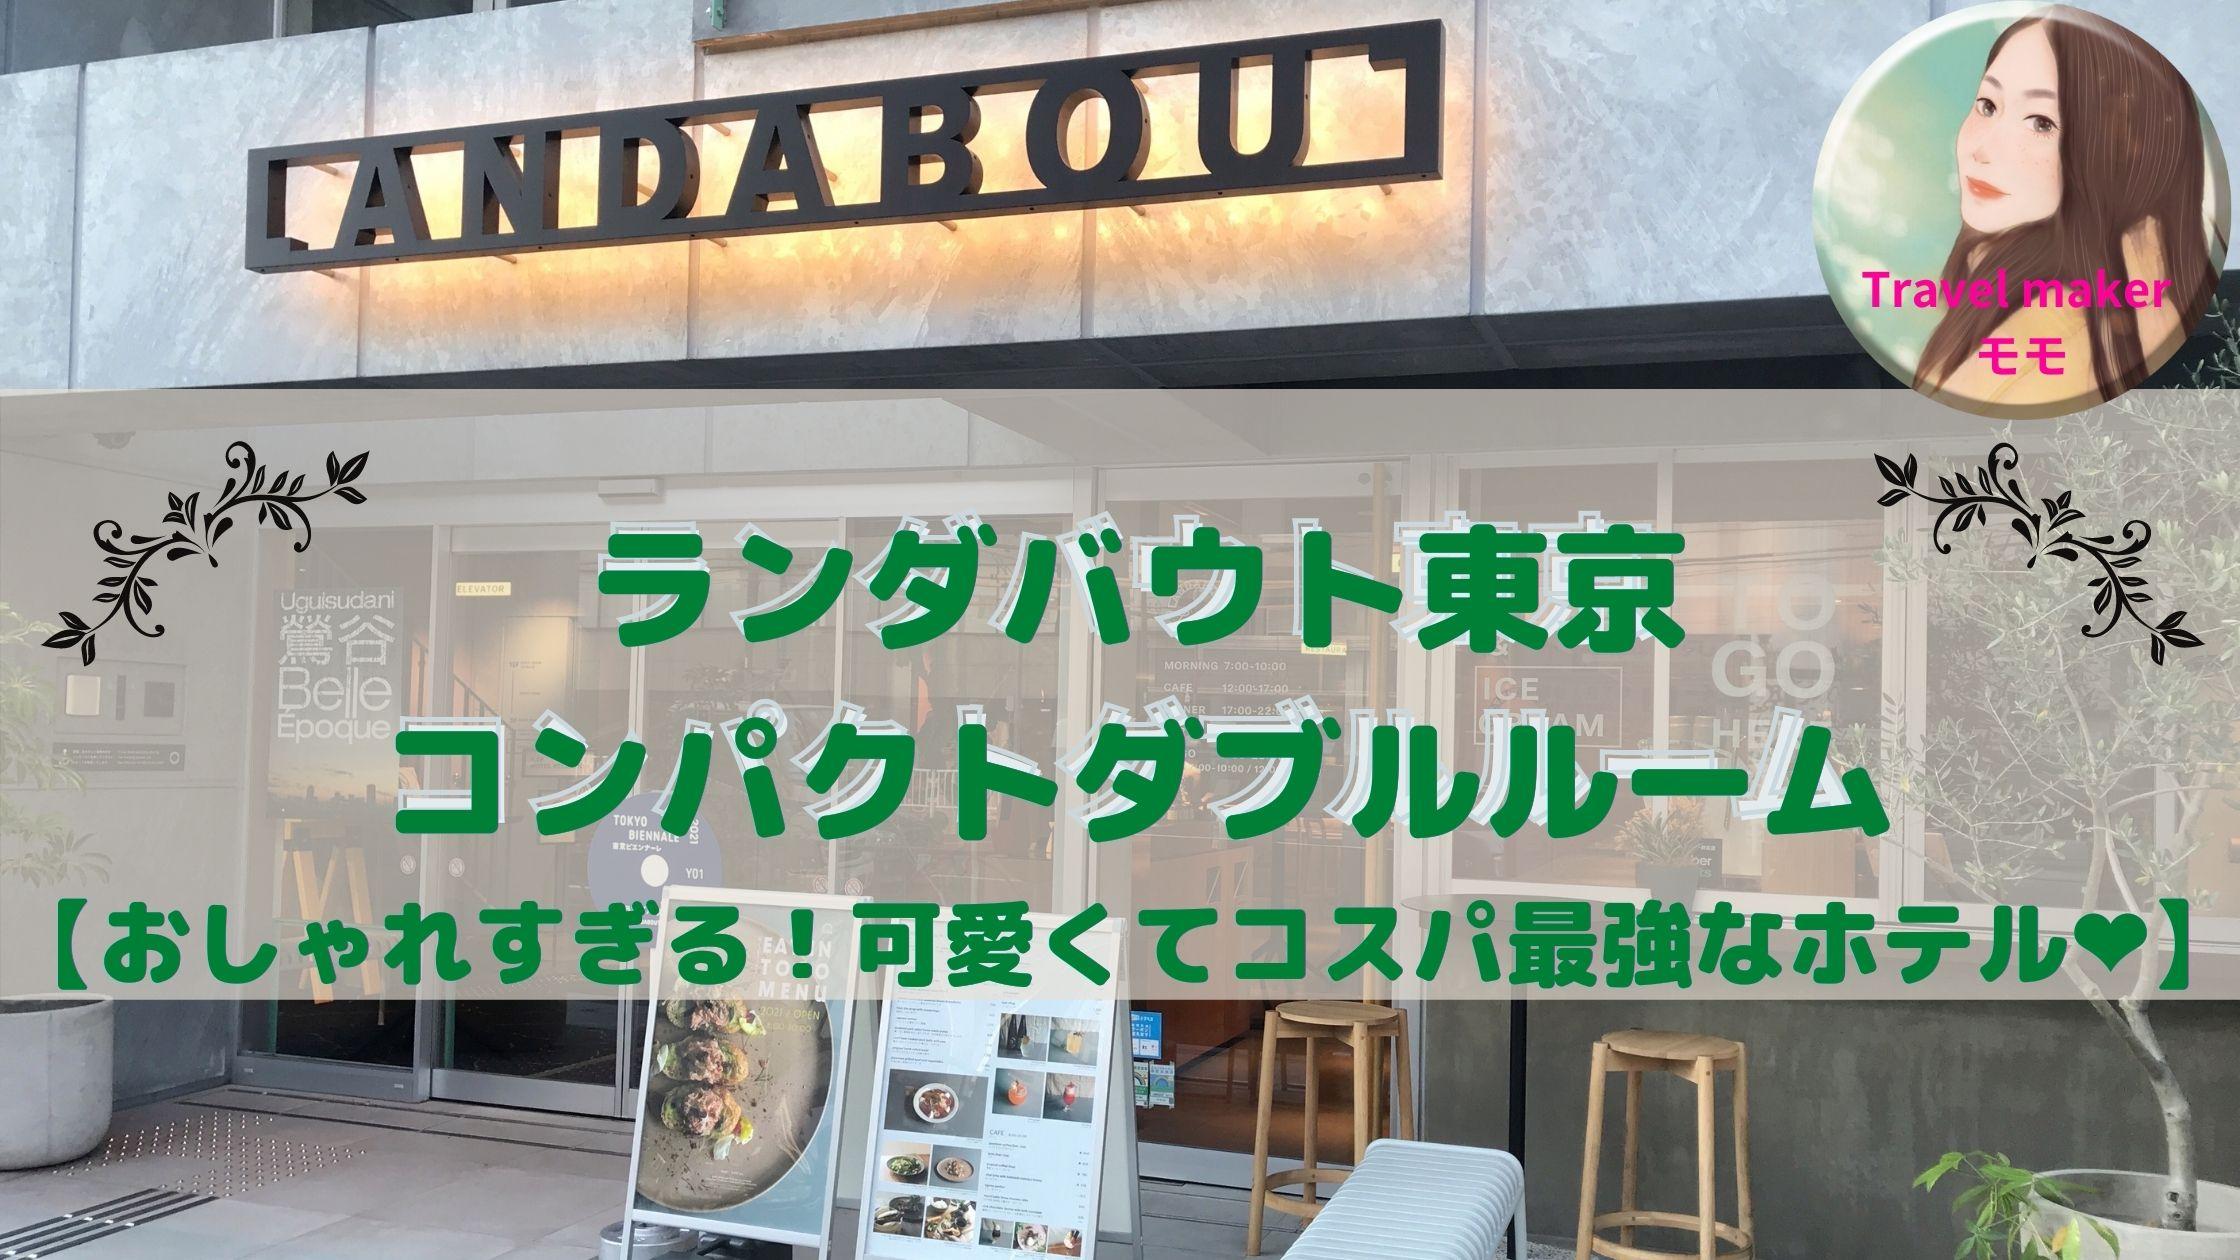 ランダバウト東京 ブログ かわいい